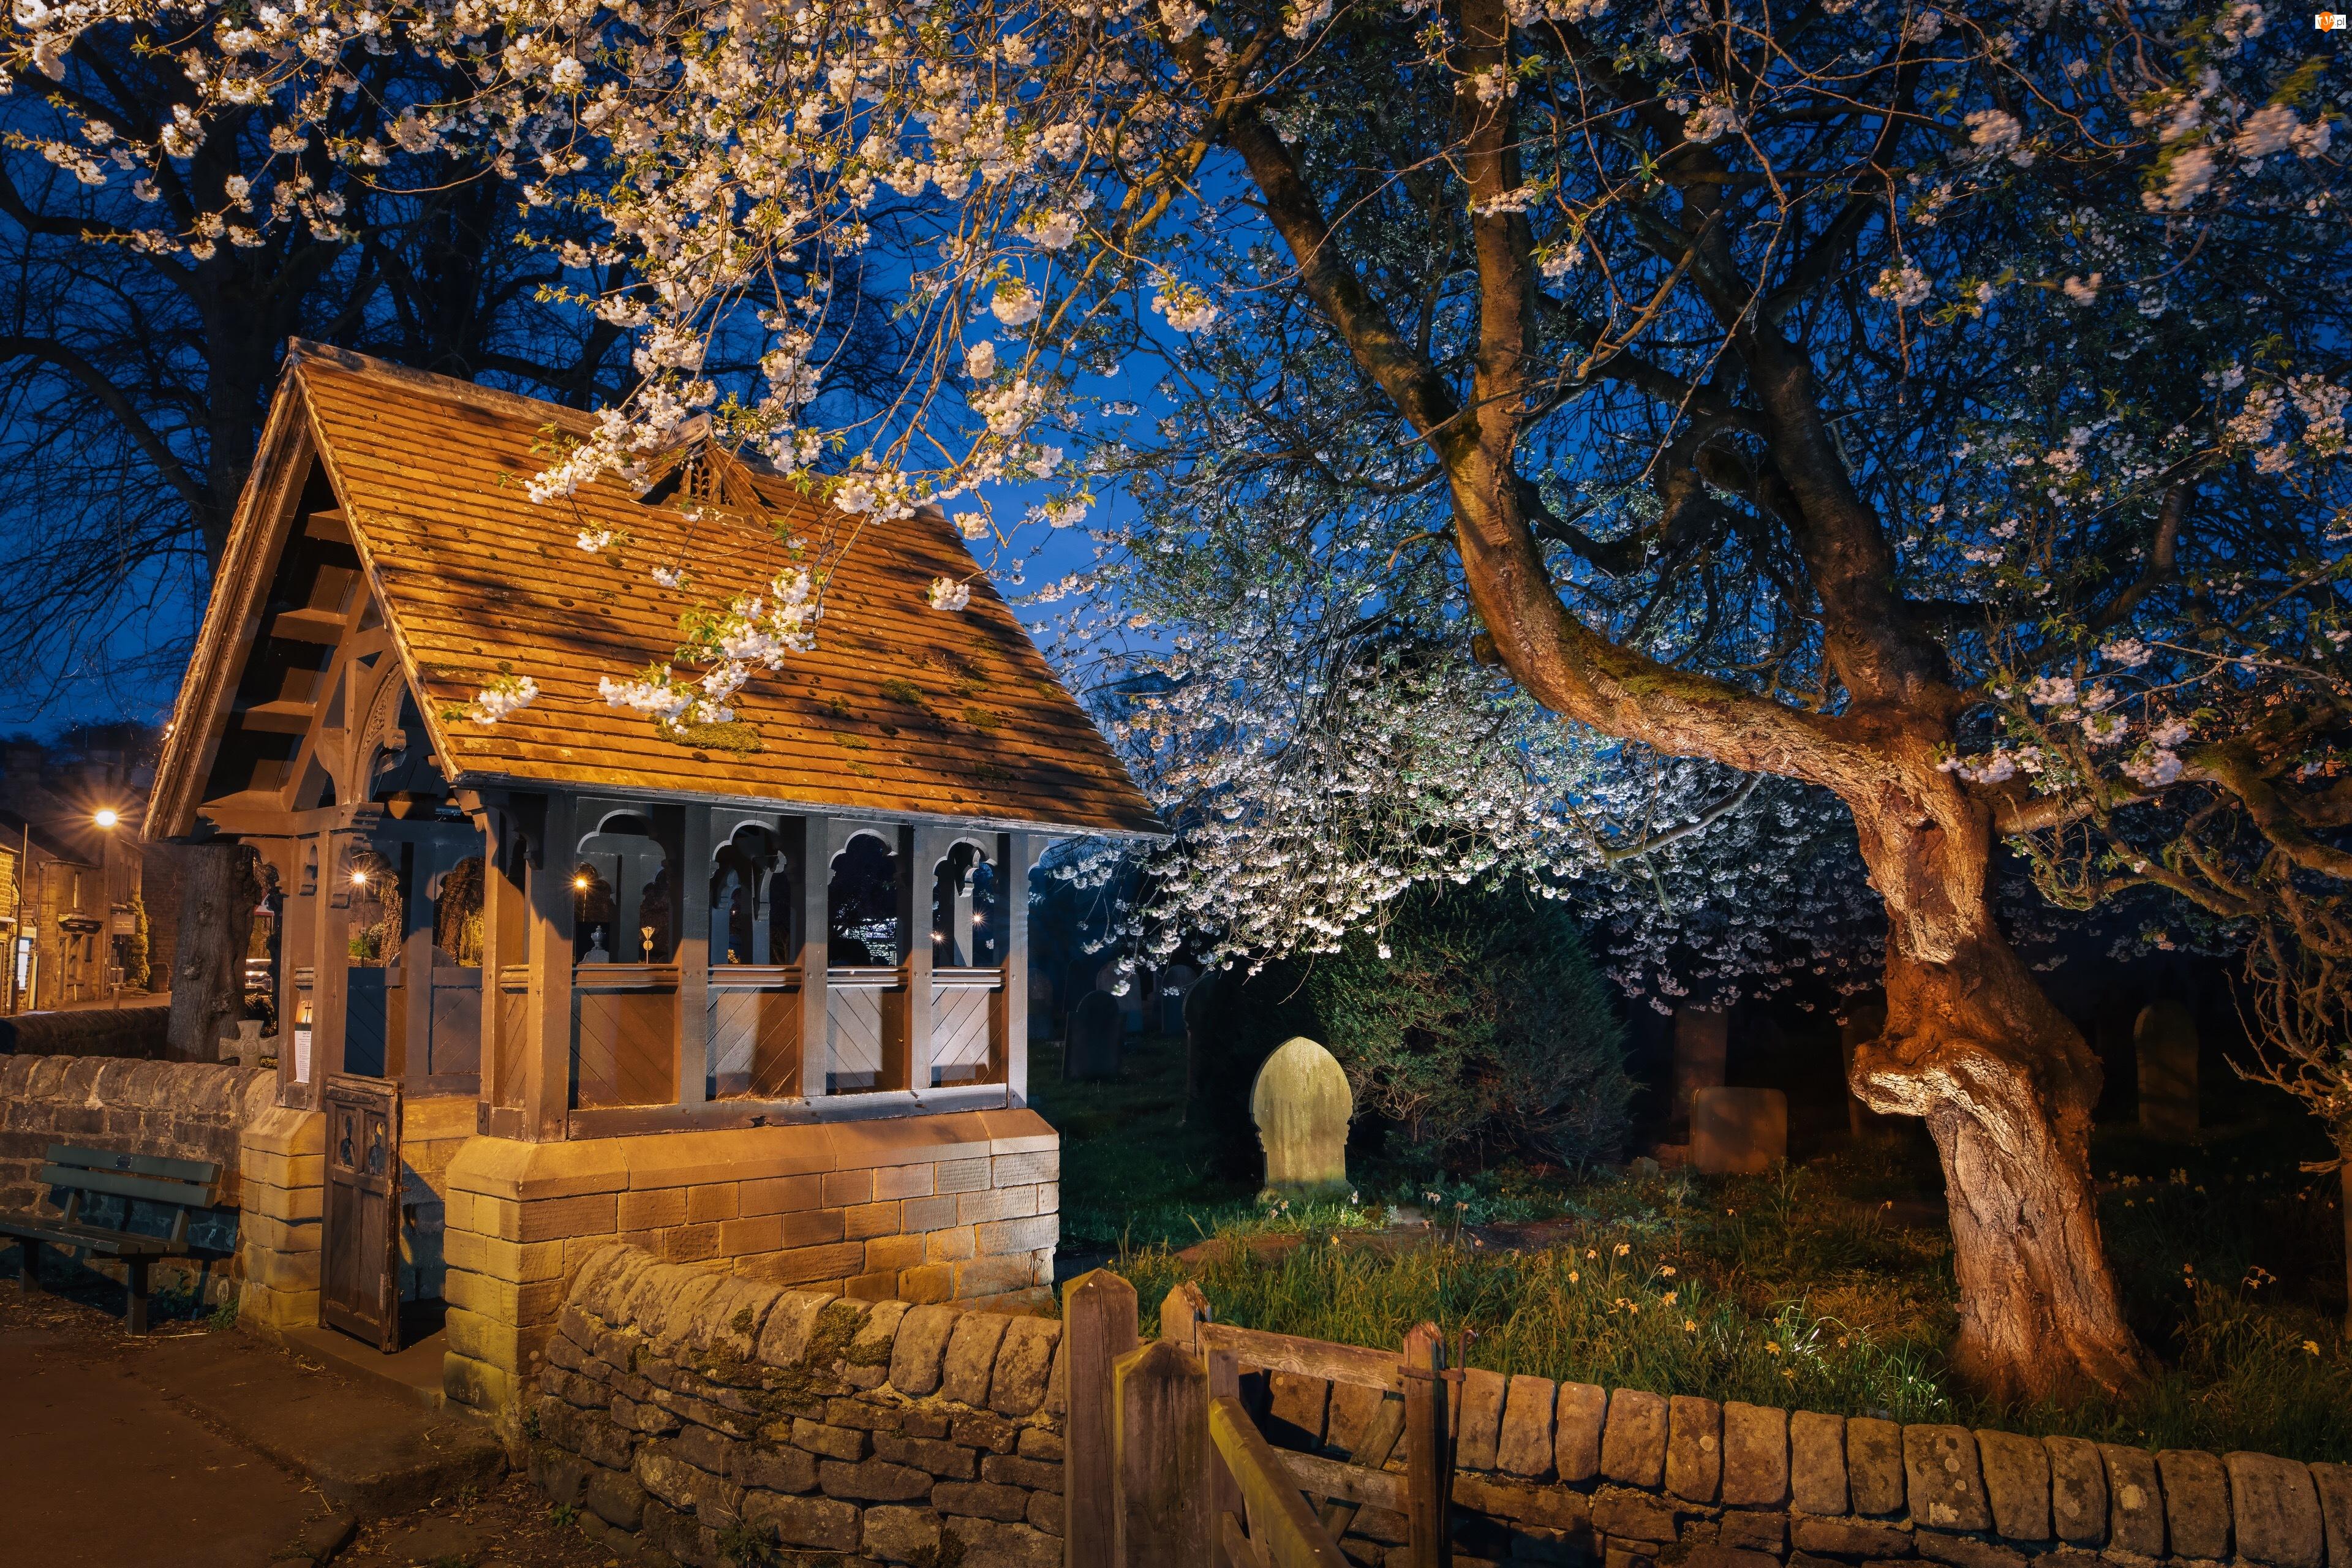 Kościół św. Anny, Wejście, Lychgate, Anglia, Baslow, Noc, Drzewo, Cmentarz, Ogrodzenie, Kwitnące, Drzewo, Hrabstwo Derbyshire